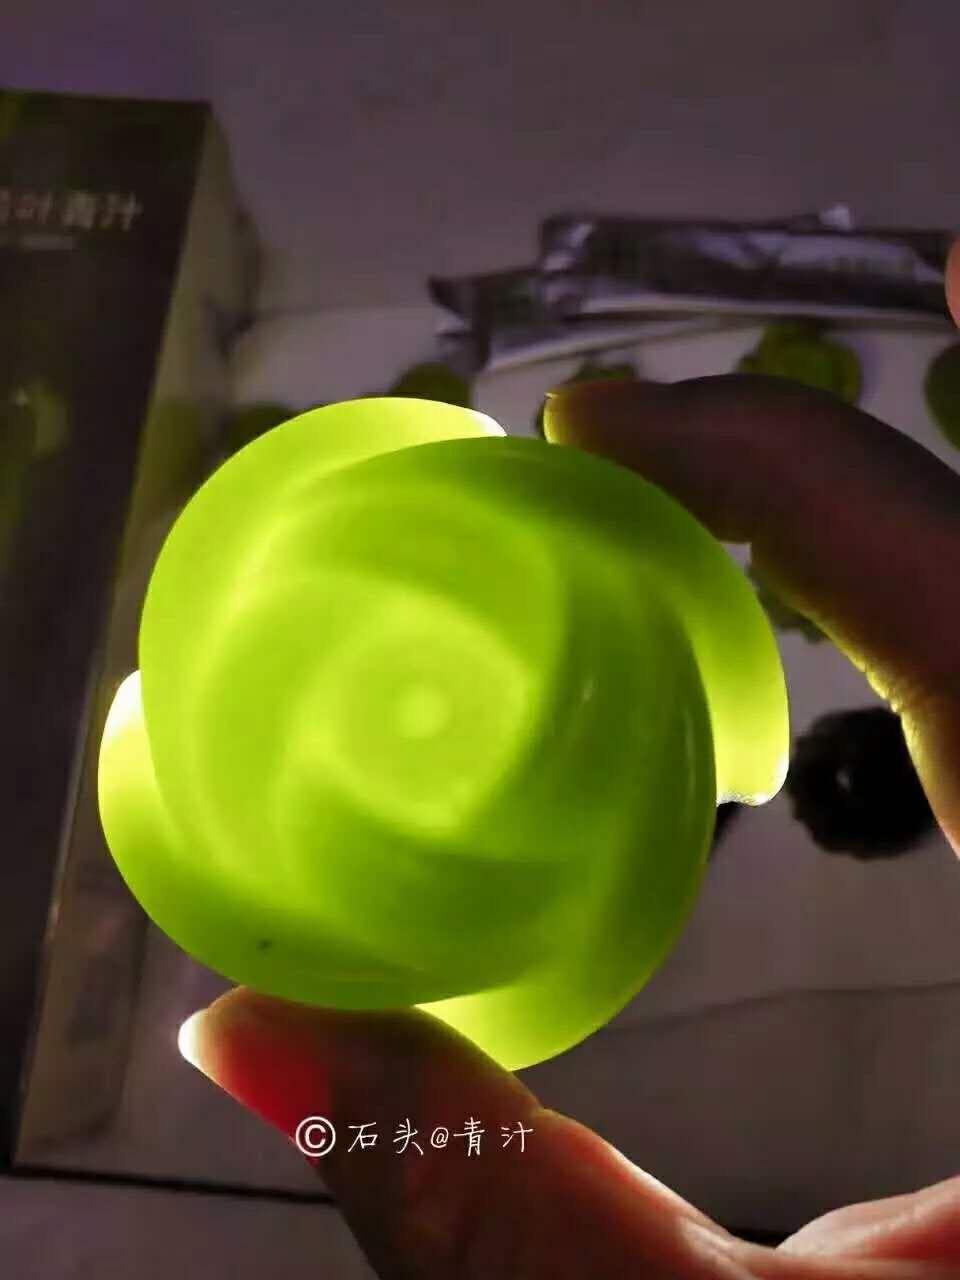 喝青汁的注意事项:一袋青汁用大约200毫升温水冲泡,不超过45度,千万